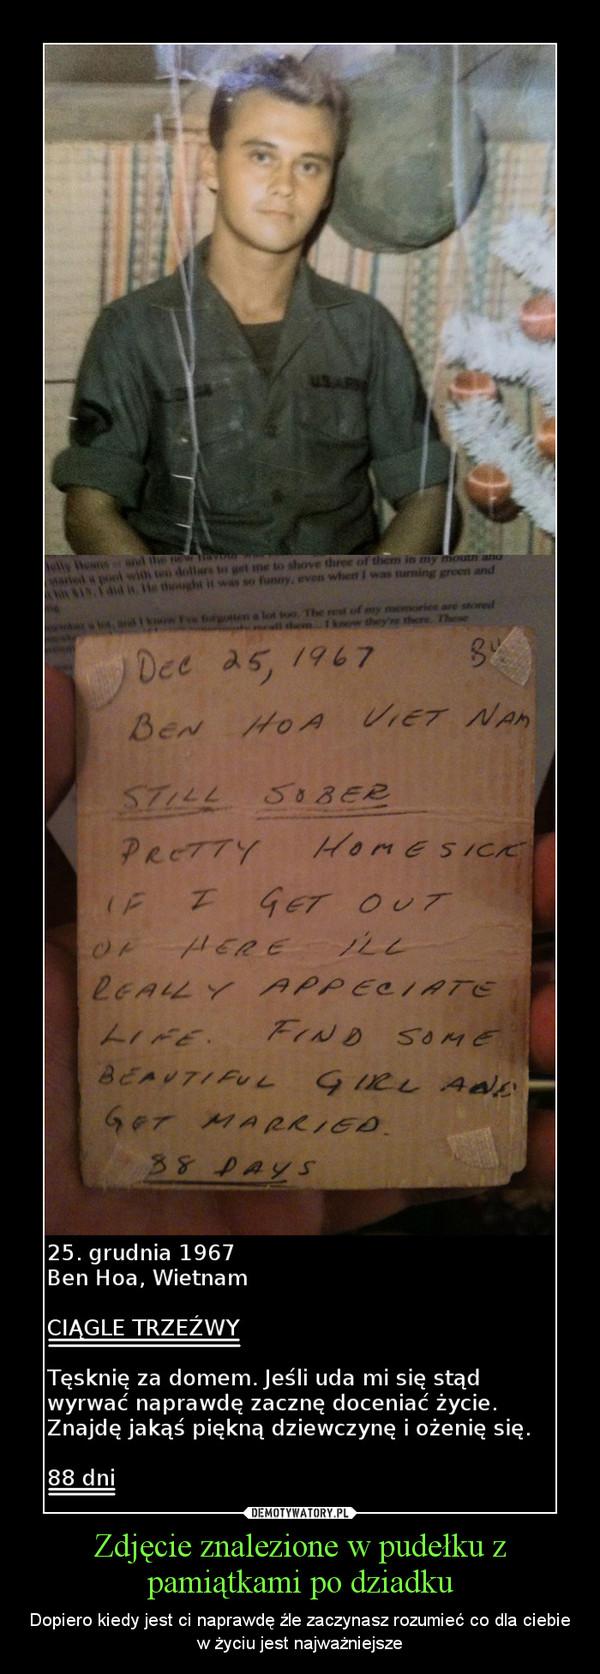 Zdjęcie znalezione w pudełku z pamiątkami po dziadku – Dopiero kiedy jest ci naprawdę źle zaczynasz rozumieć co dla ciebie w życiu jest najważniejsze